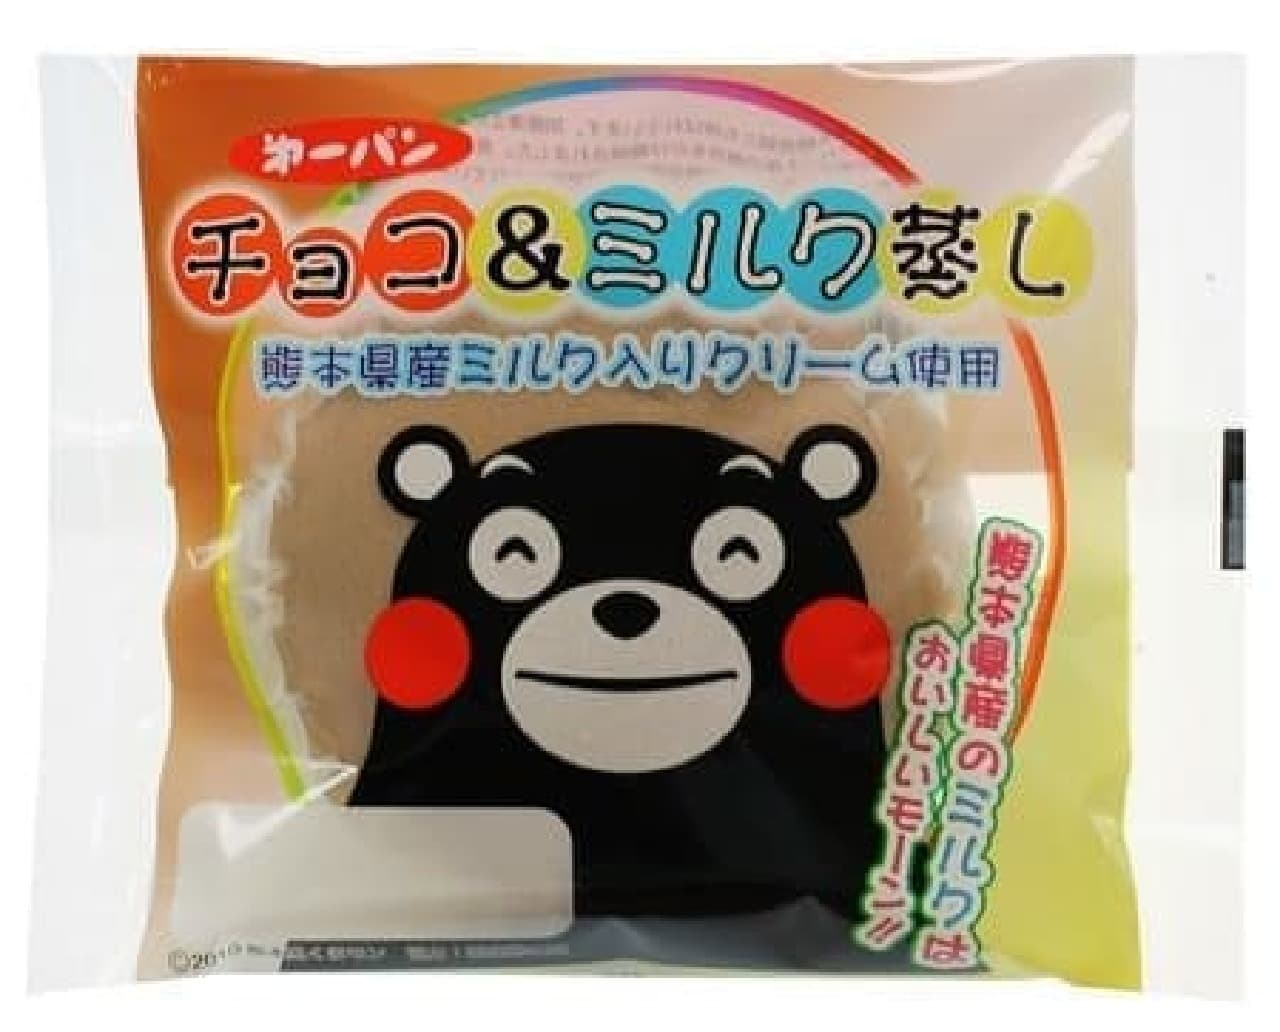 「チョコ&ミルク蒸し(熊本県産ミルク入りクリーム使用)」